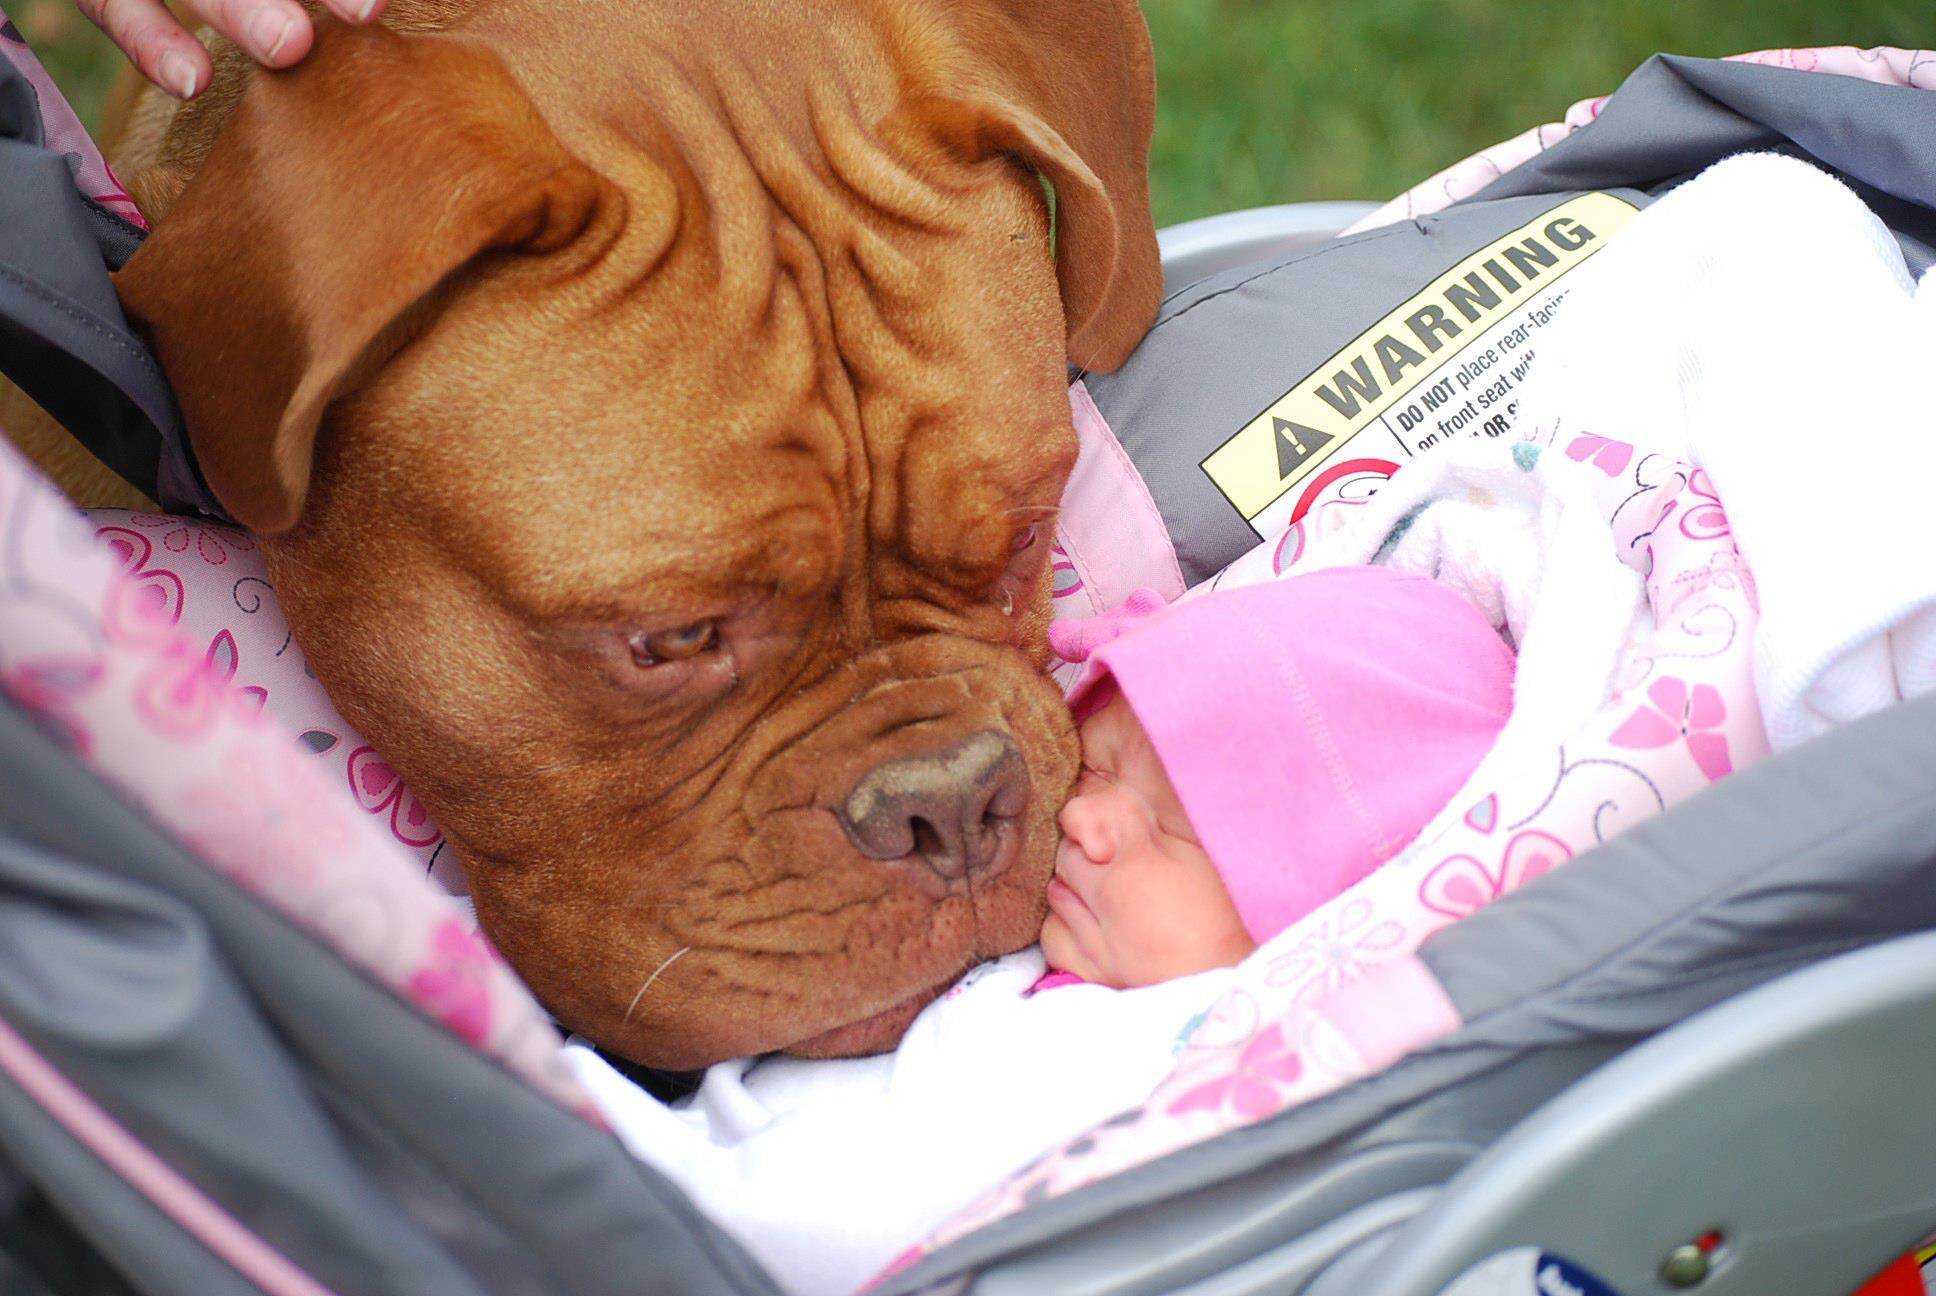 kids-sleep-with-dogs (7)